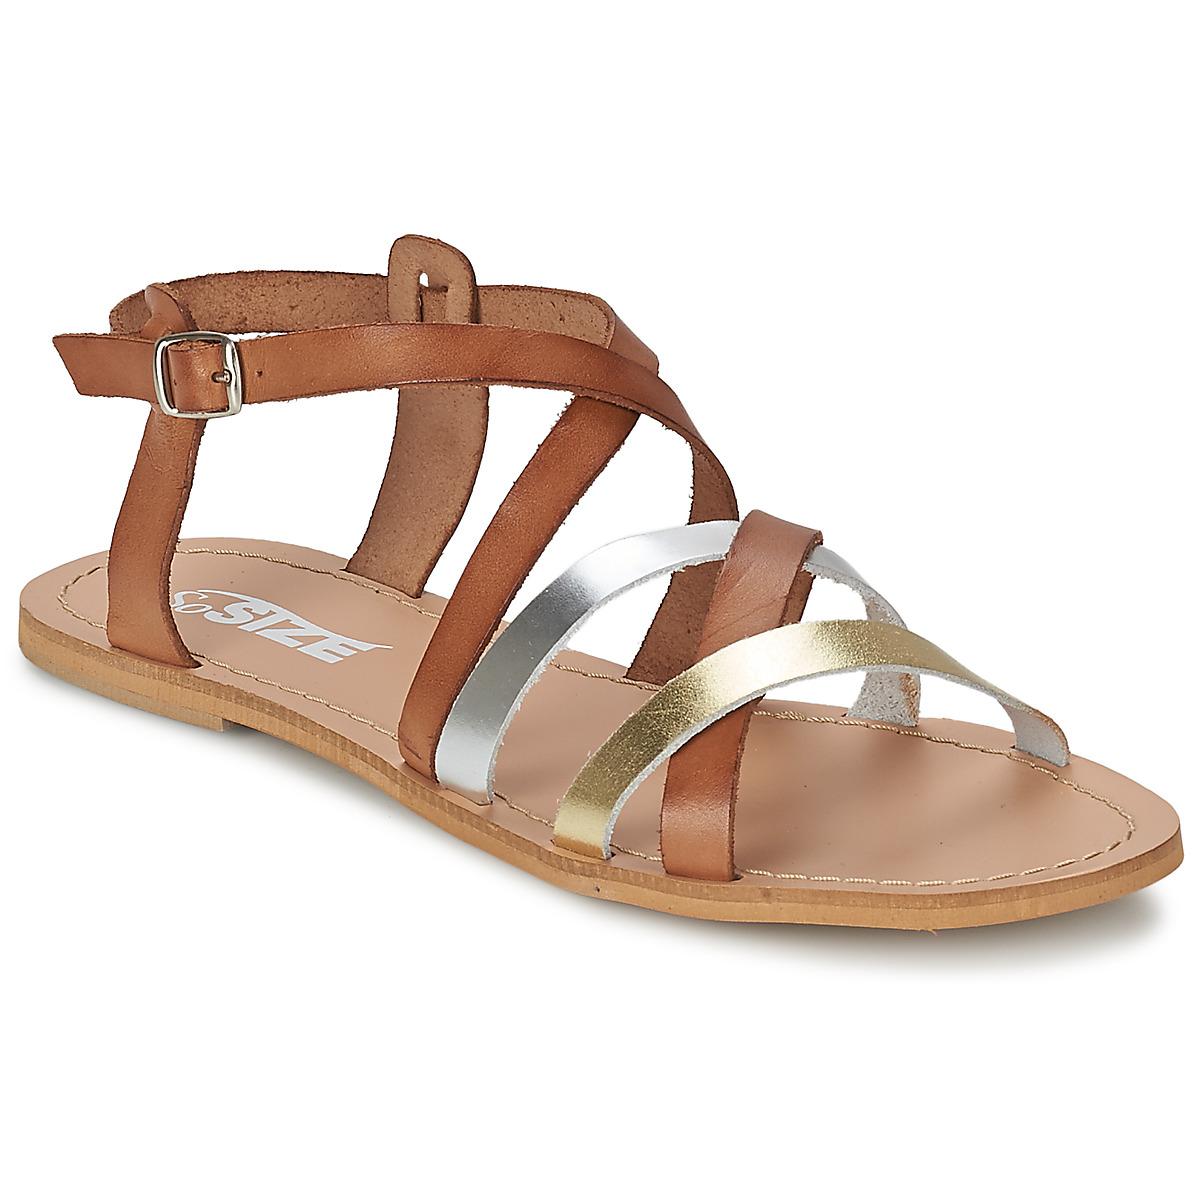 So Size AVELA Noisette - Livraison Gratuite avec  - Chaussures Sandale Femme